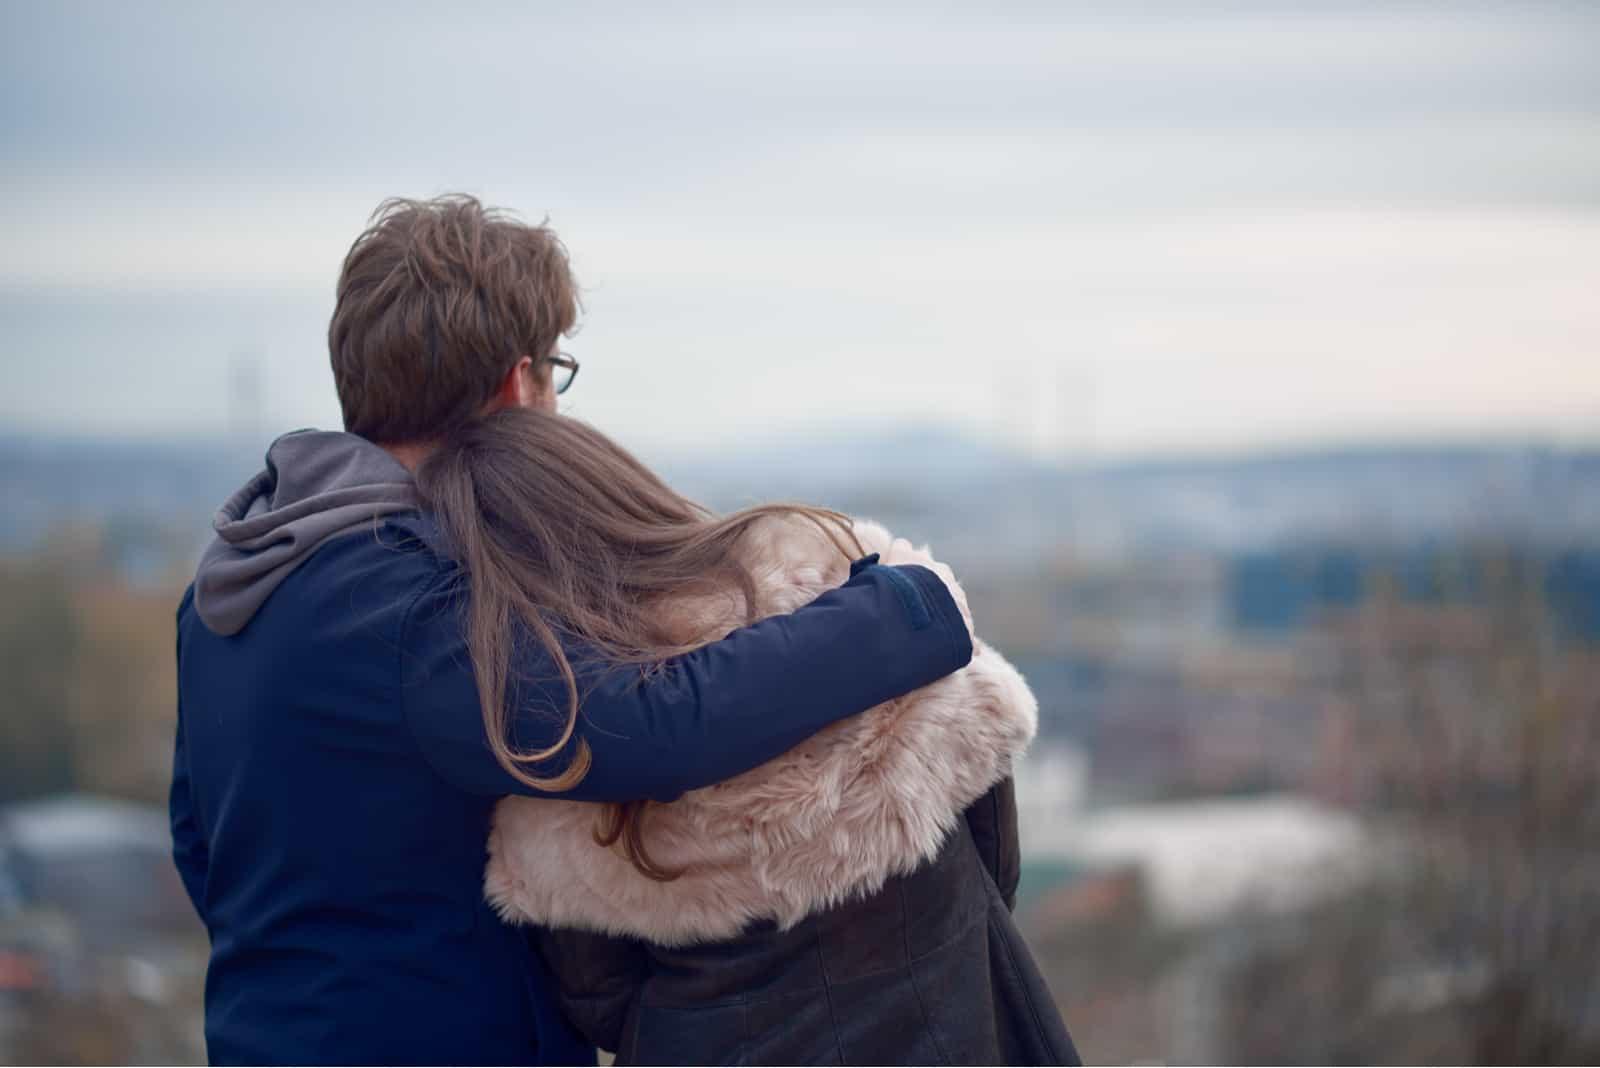 Paar umarmt und blickt auf den Horizont im Herbst